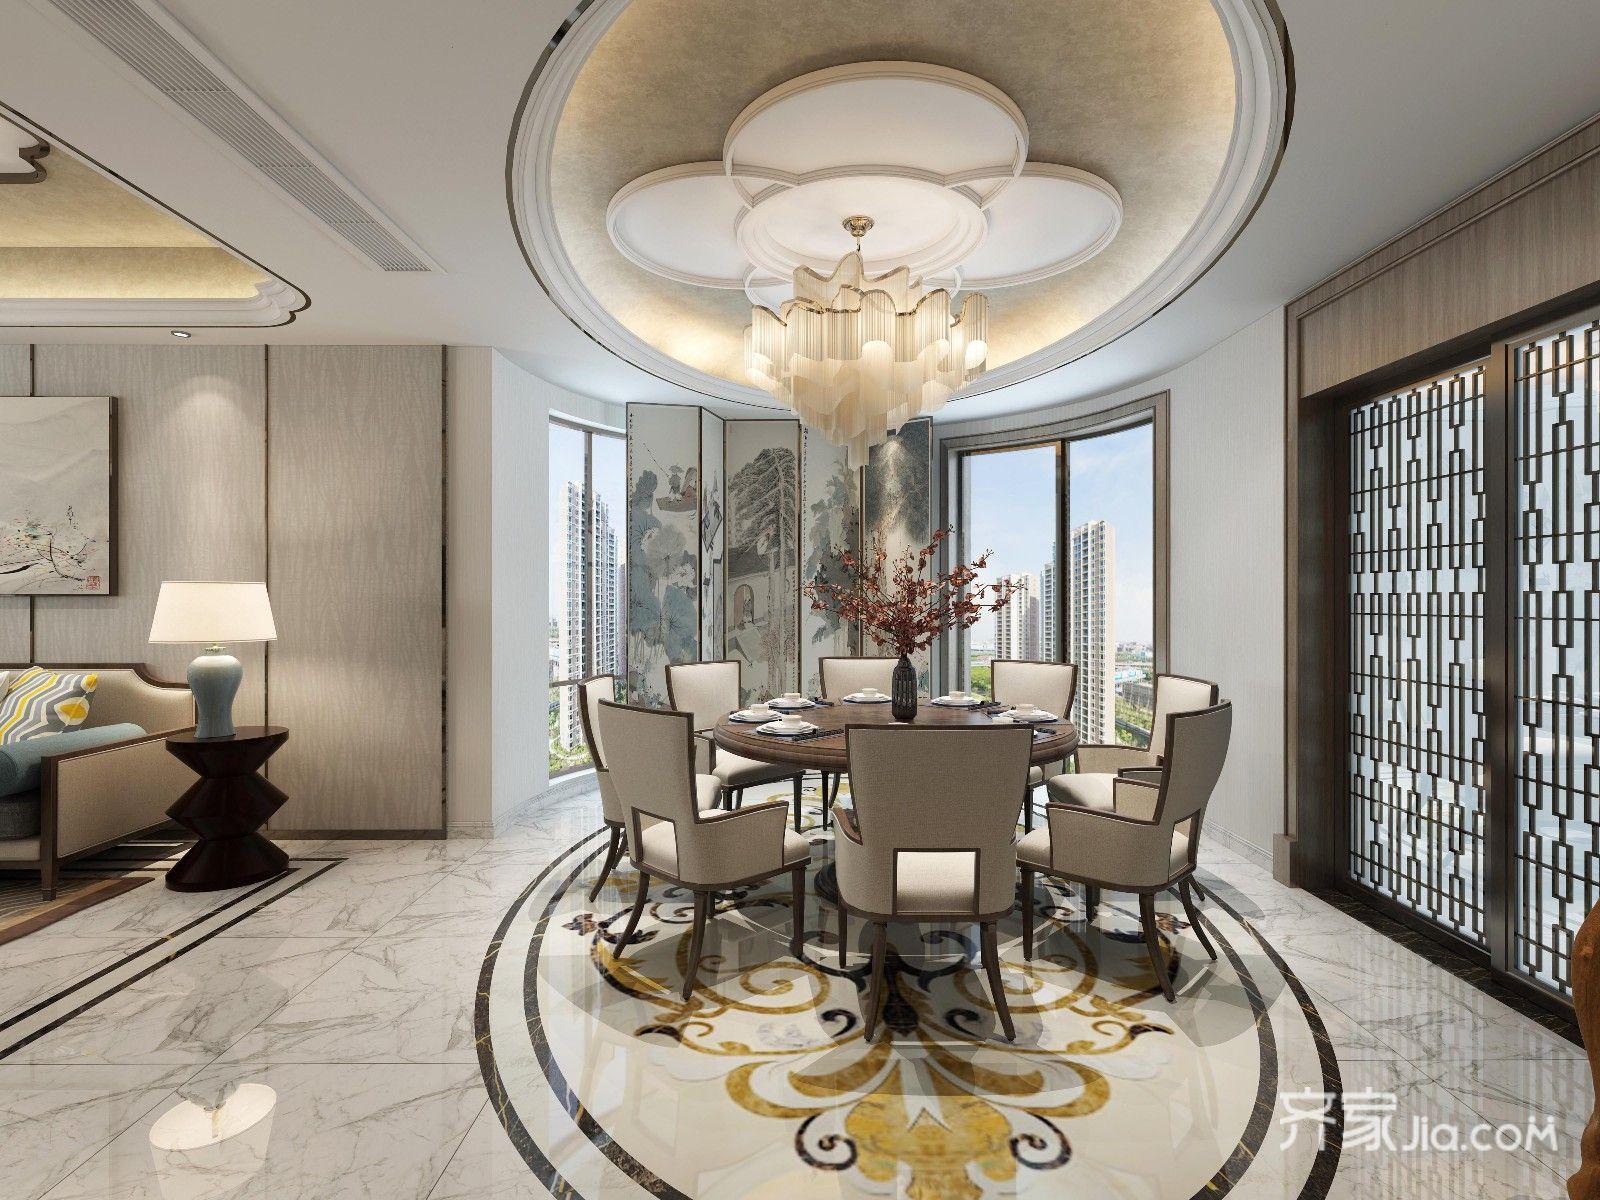 新中式大户型餐厅装修设计效果图